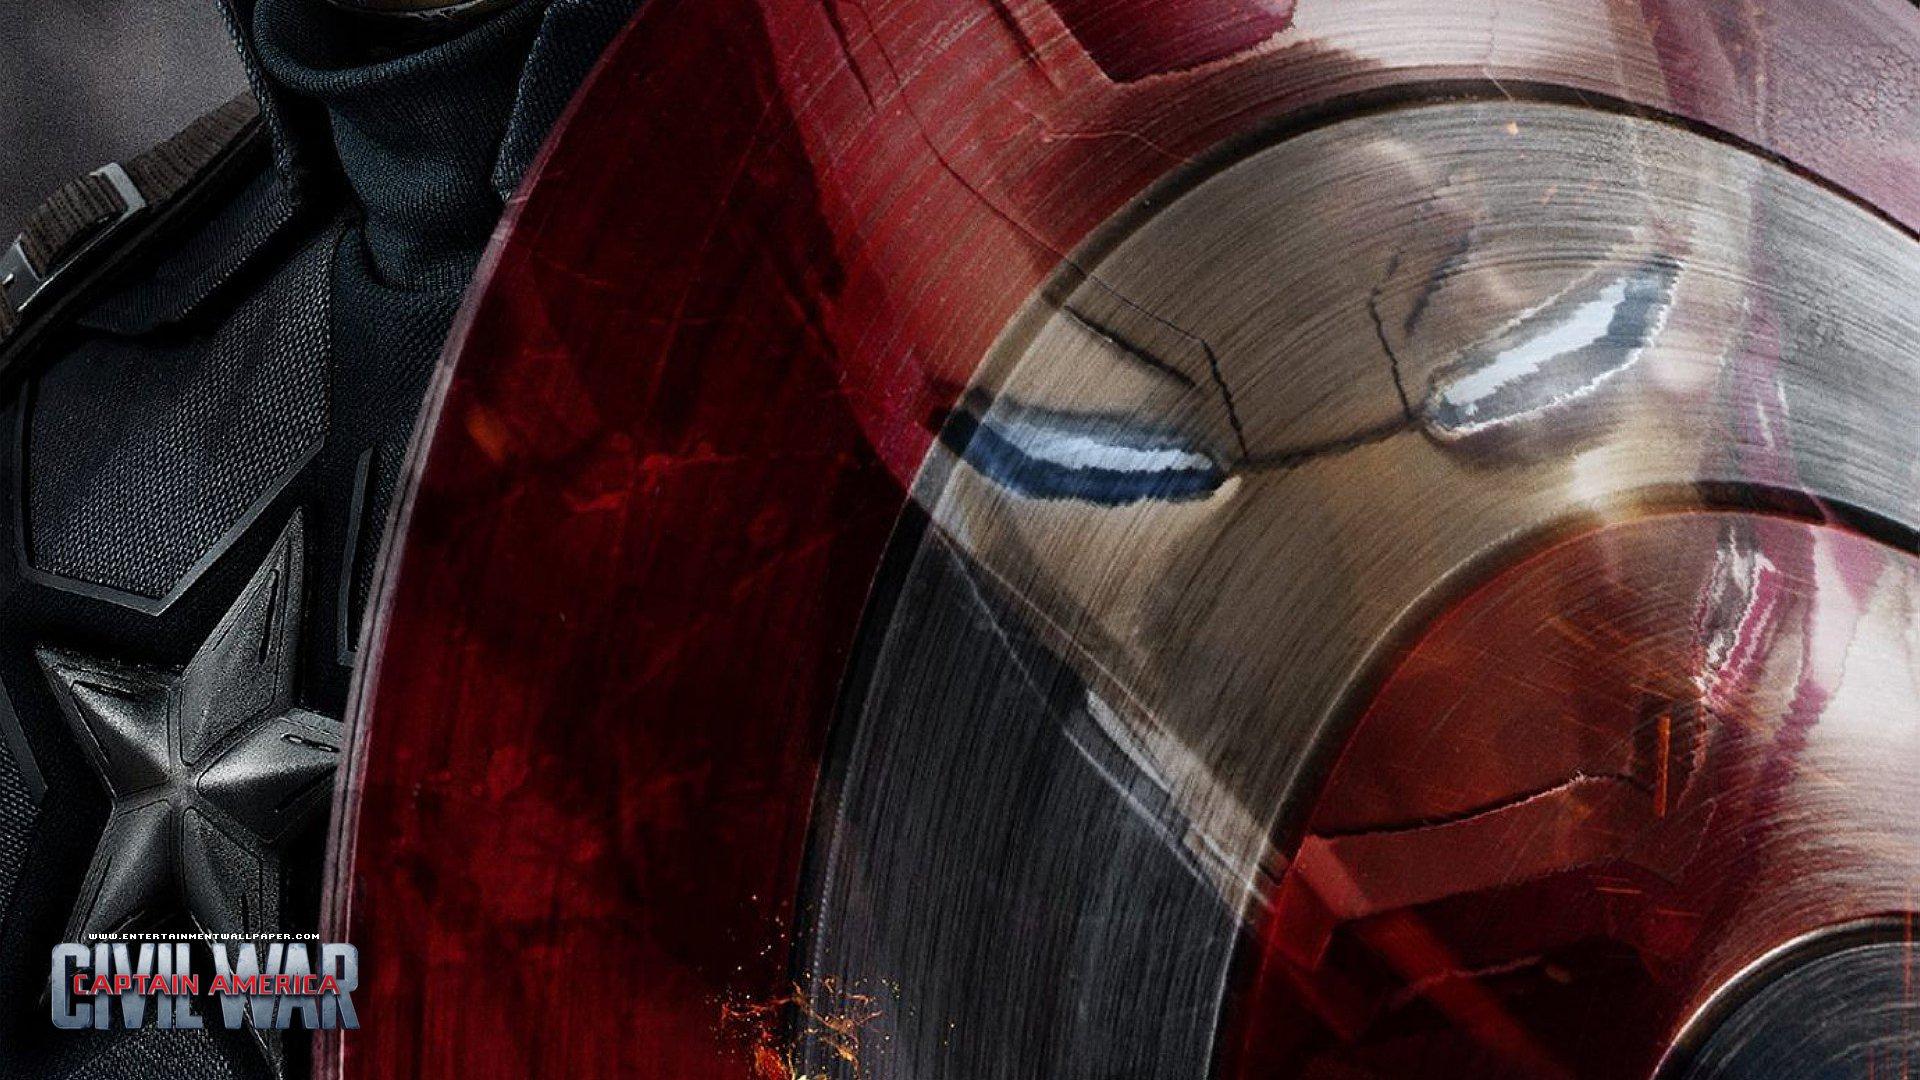 Captain America Civil War Wallpapers Hd: [47+] Captain America Civil War 1080p Wallpapers On